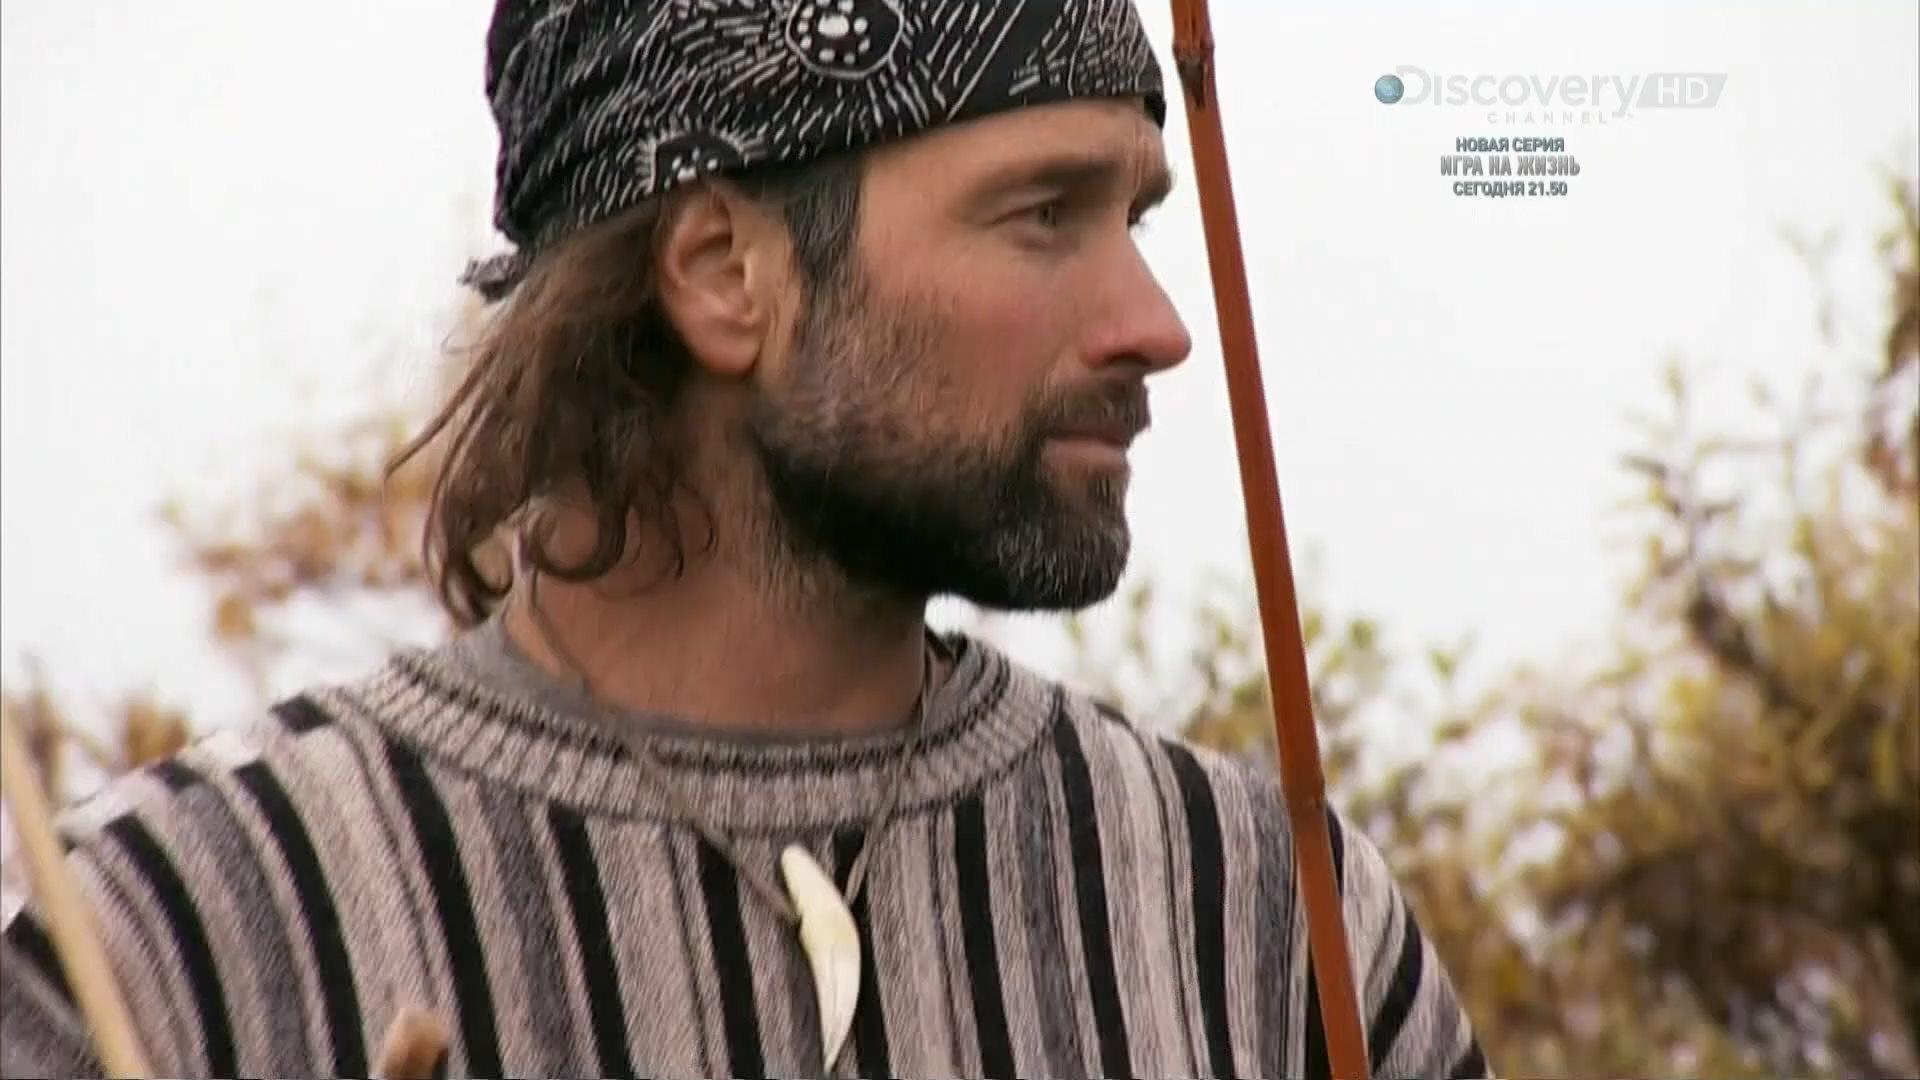 Discovery. Игра на жизнь / Survive That! (1 сезон: 1-7 серии из 7) (2013) HDTV 1080i